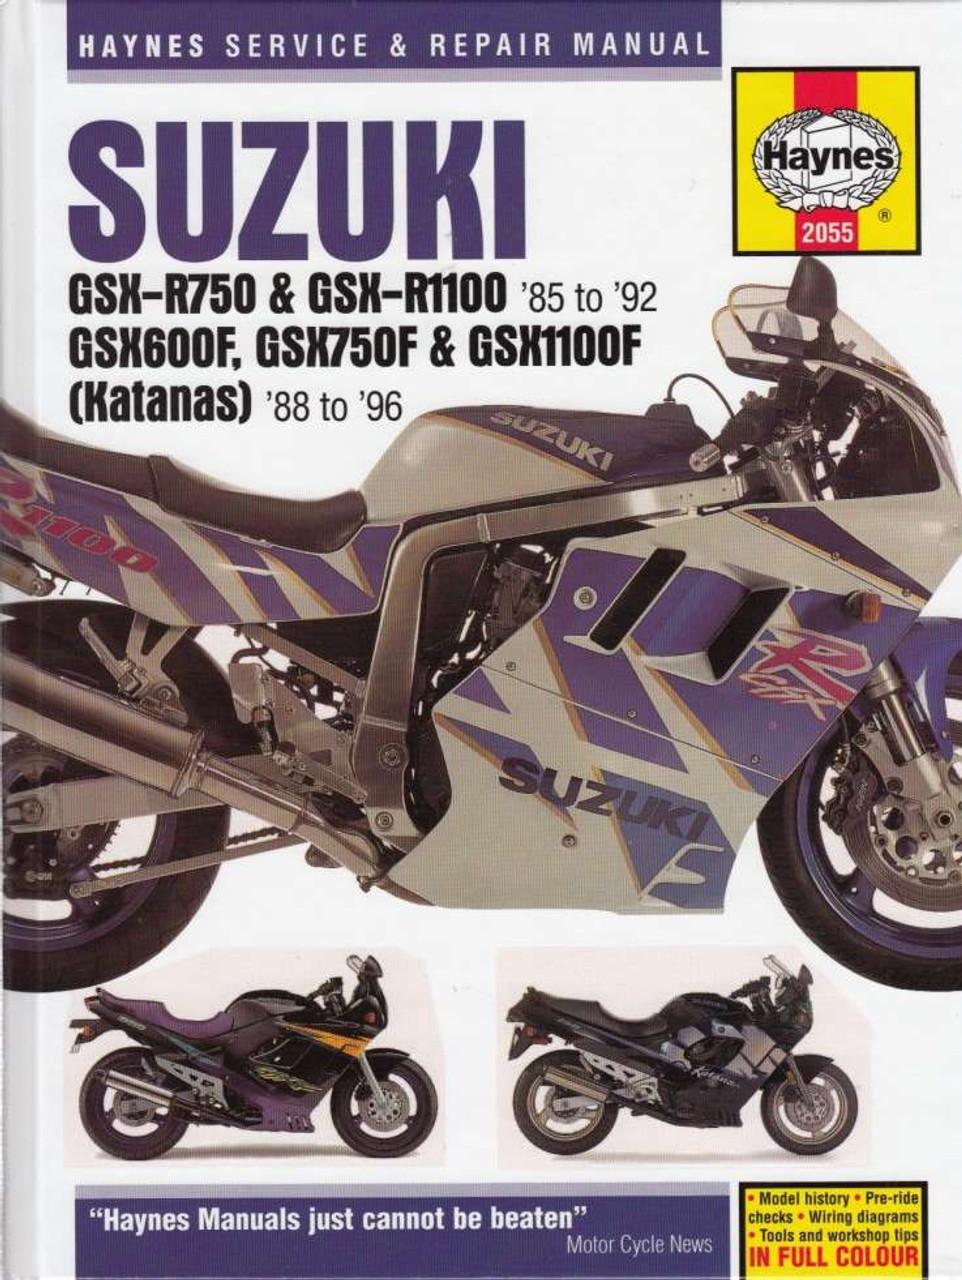 suzuki gsx r gsx f katanas 1988 1996 workshop manual rh automotobookshop com au 1992 suzuki gsx600f service manual 2003 suzuki gsx600f service manual